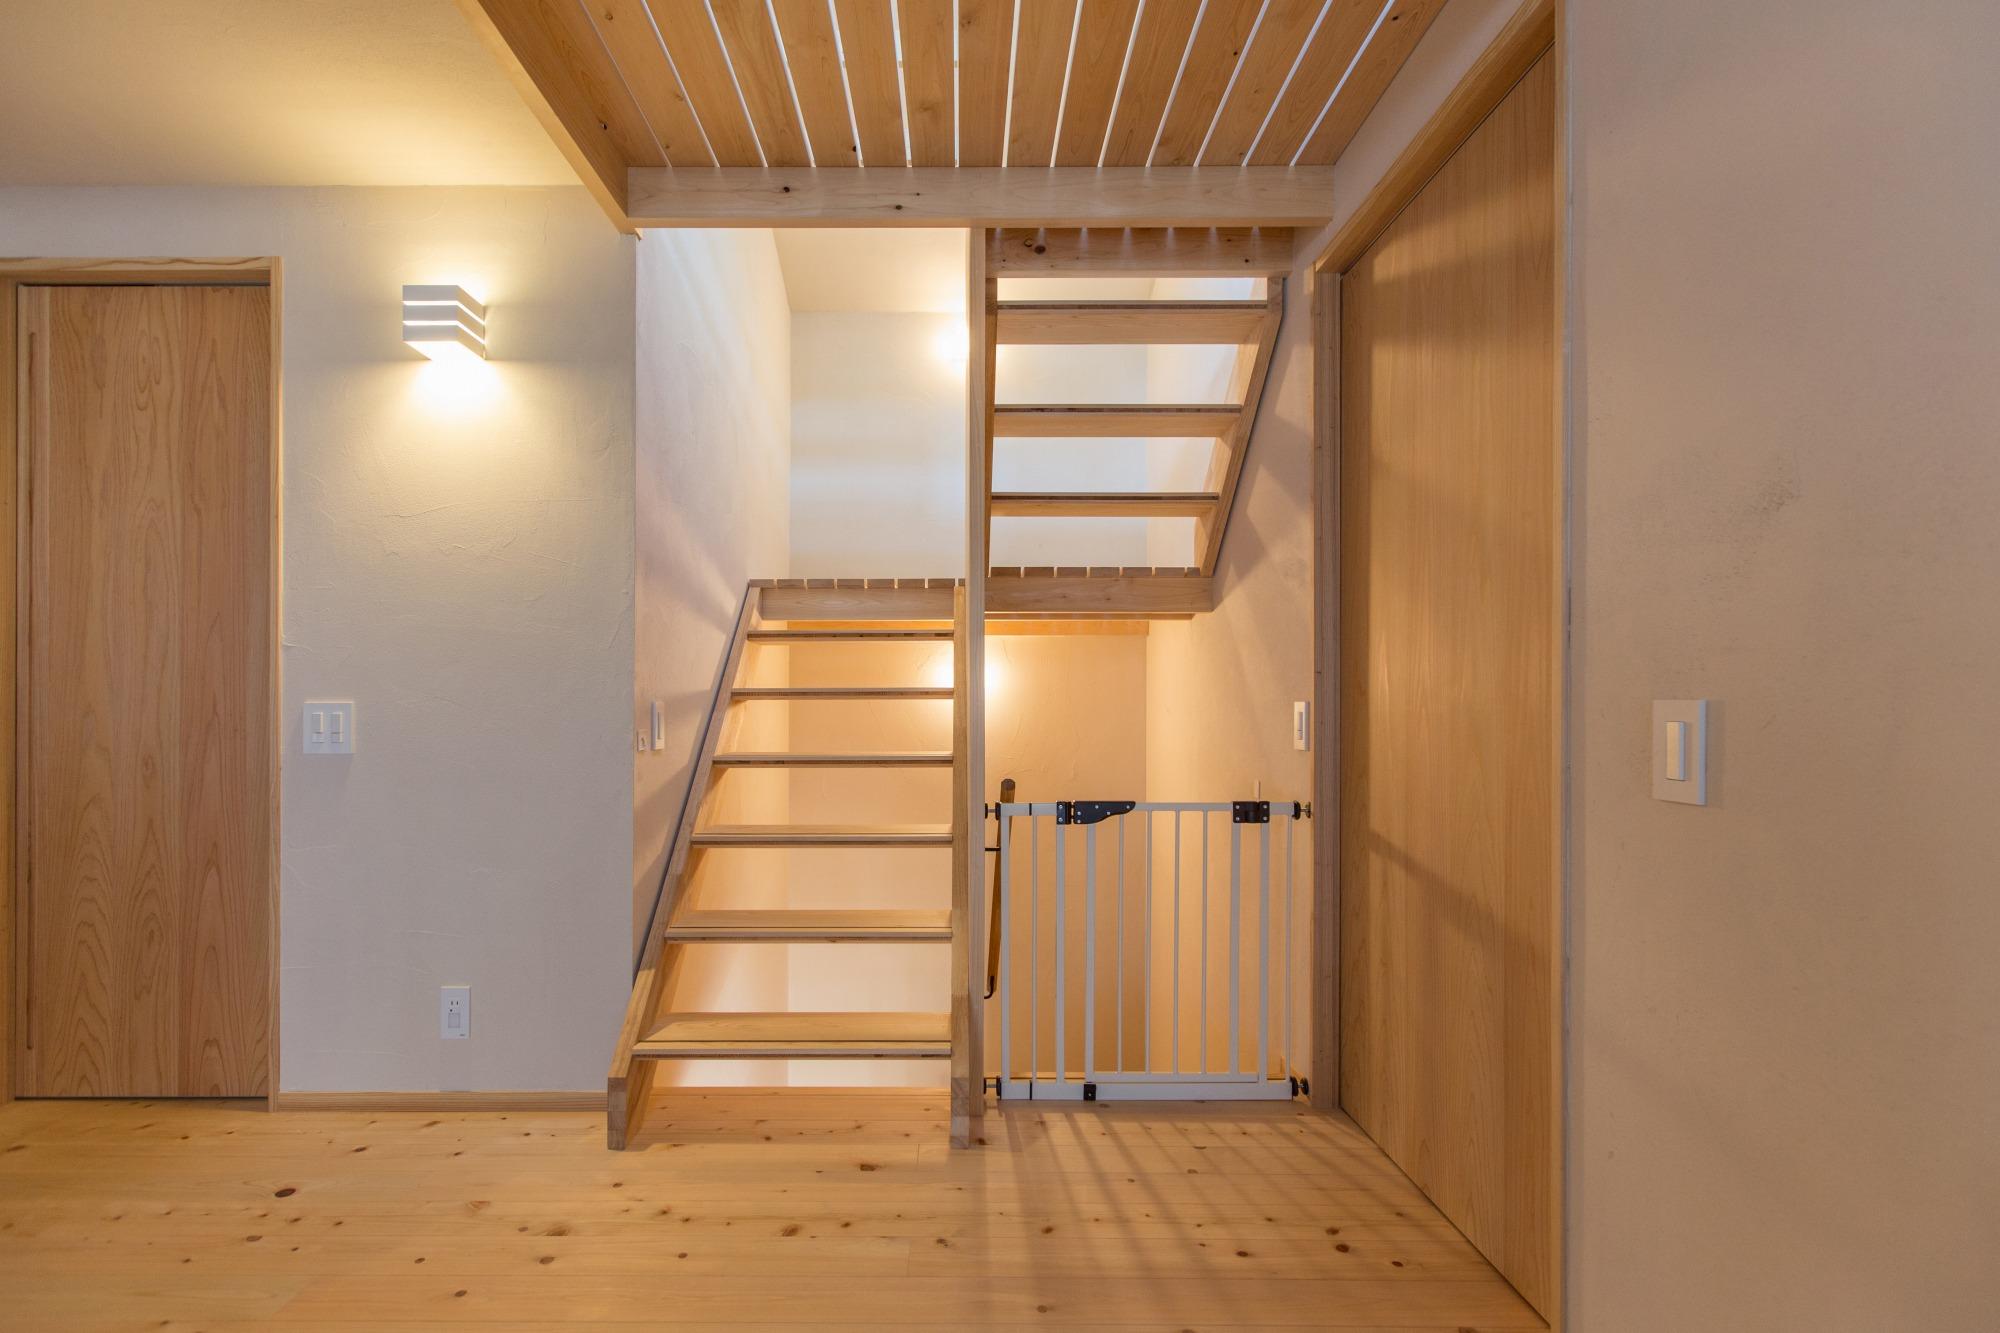 スケルトン階段で、軽やかな印象に。天窓からの光と風が抜ける。